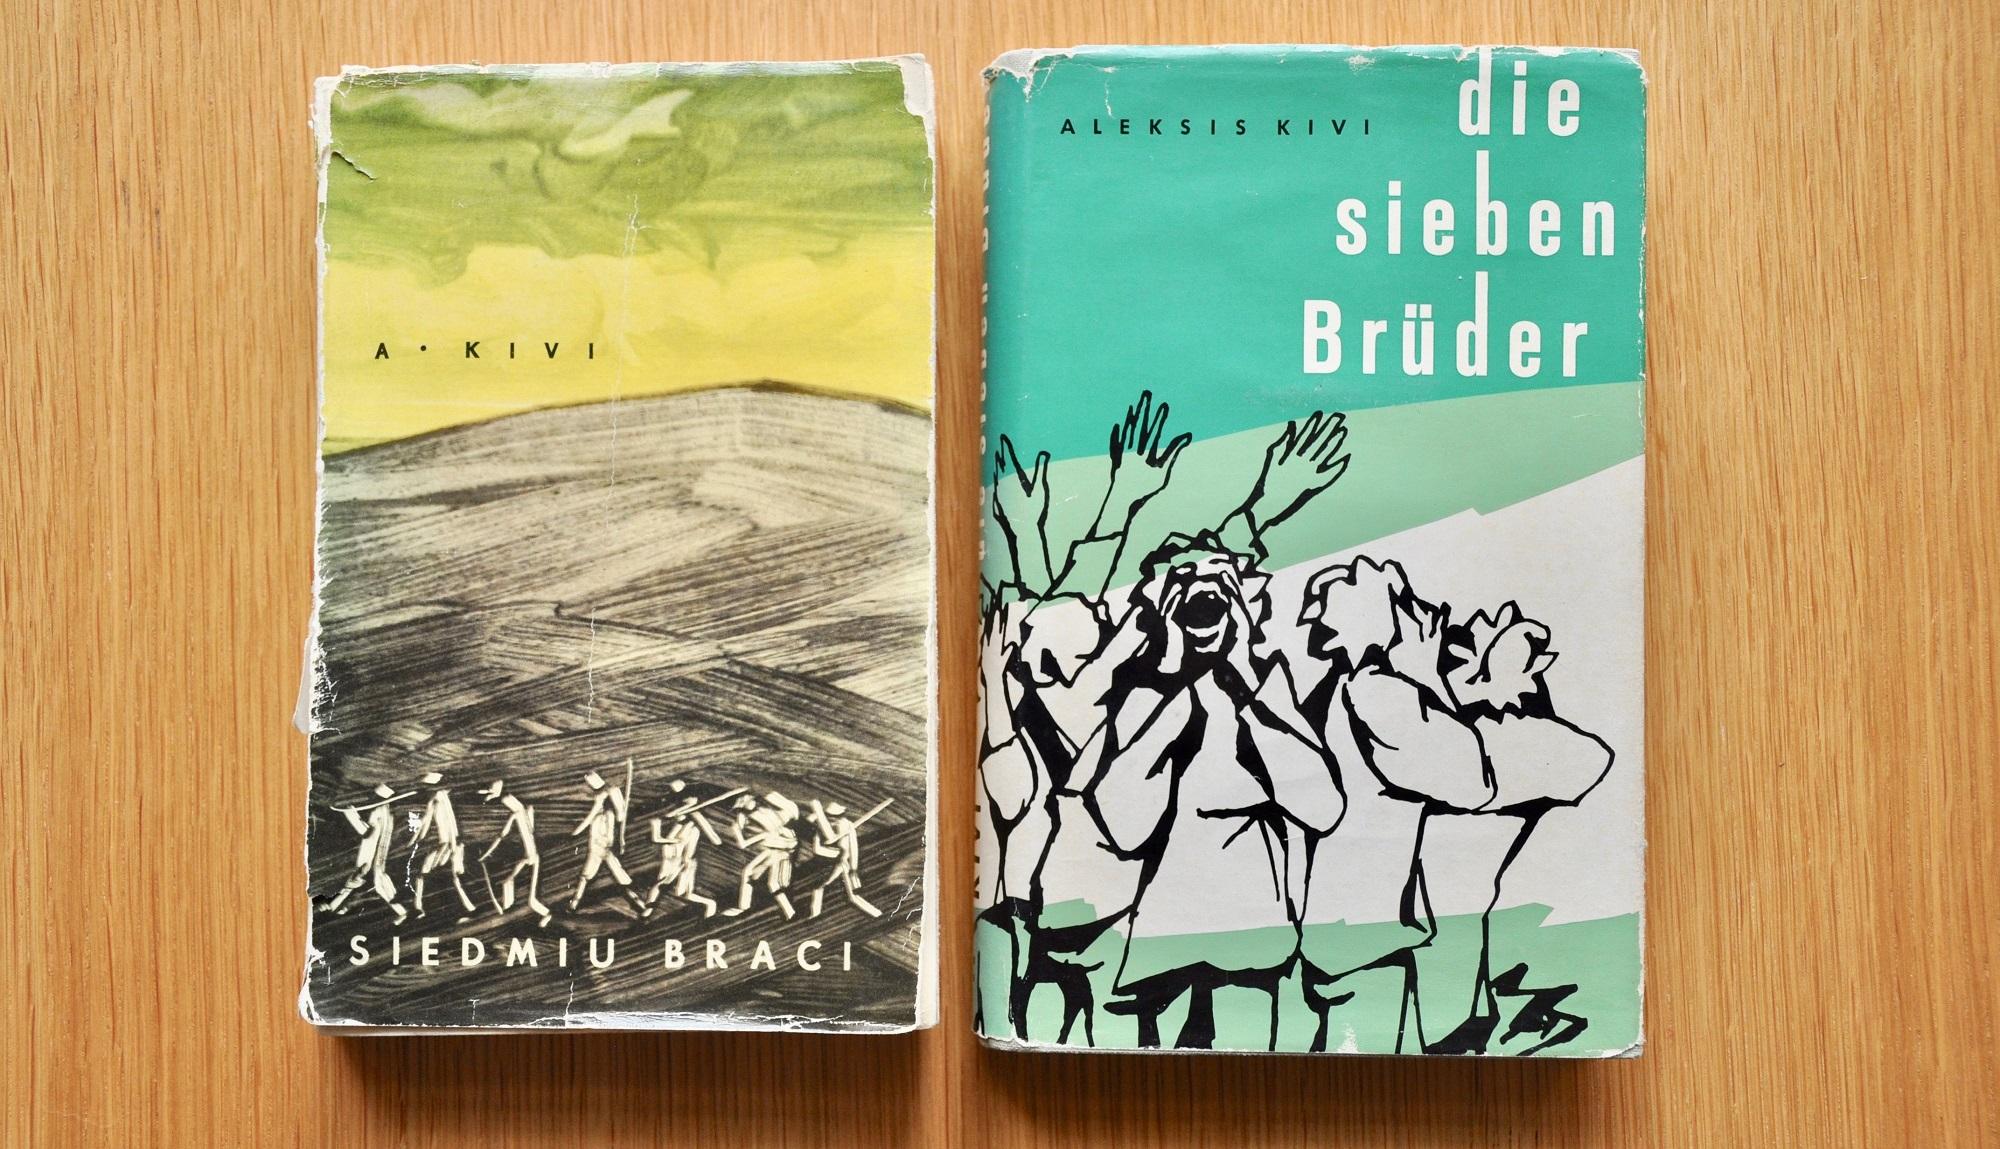 Puolan- ja saksankielisten käännösten kansikuvat